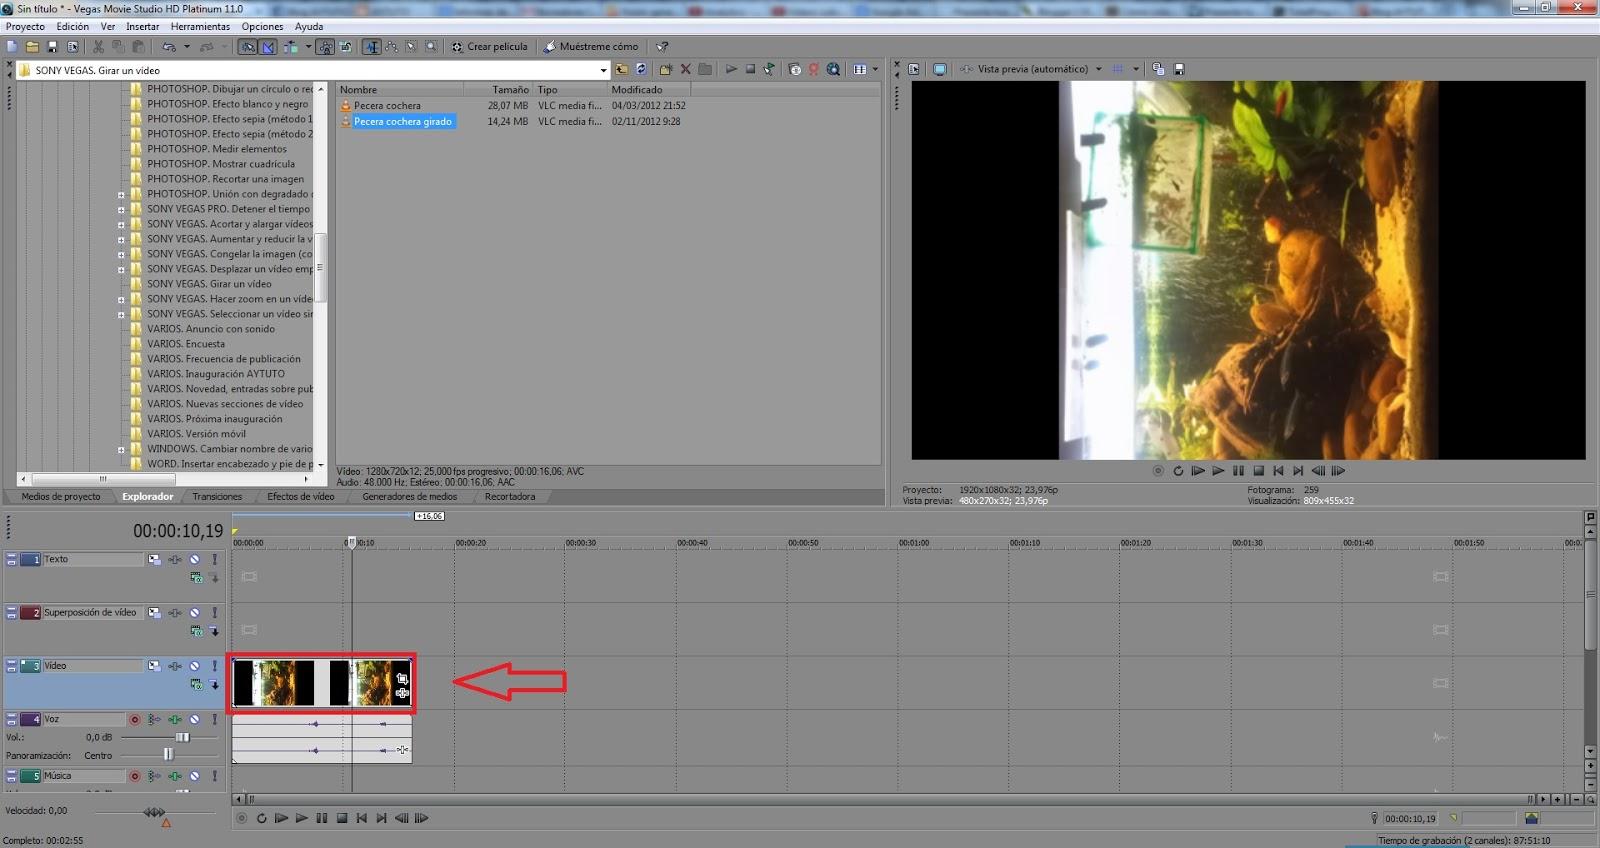 AYTUTO: Girar un vídeo con SONY VEGAS